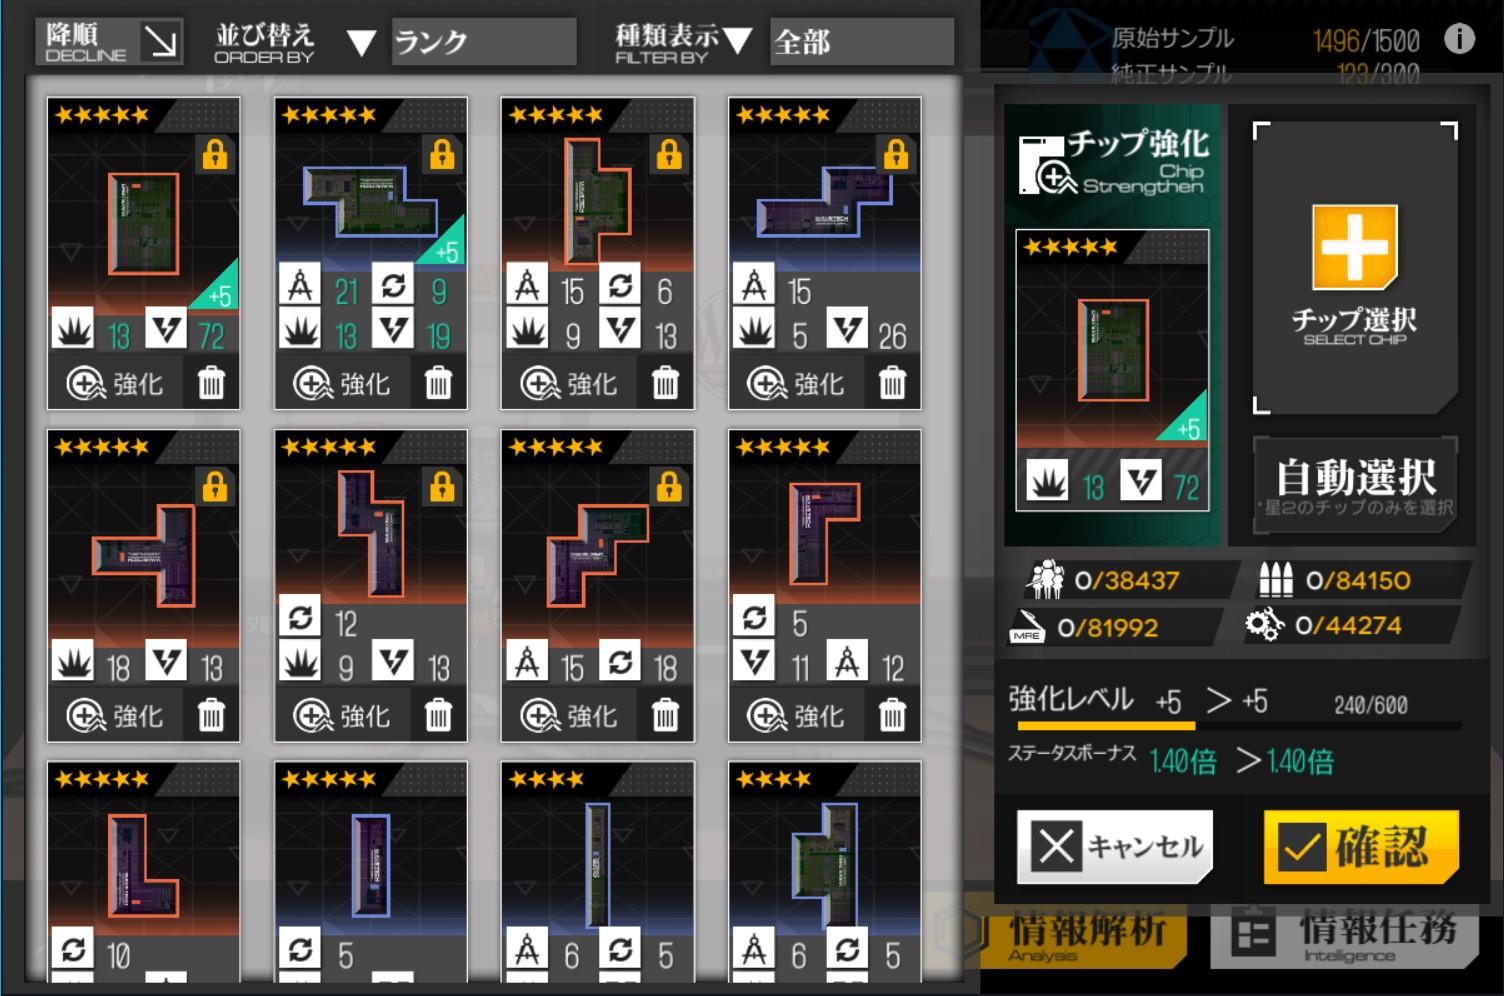 チップ強化画面.jpg